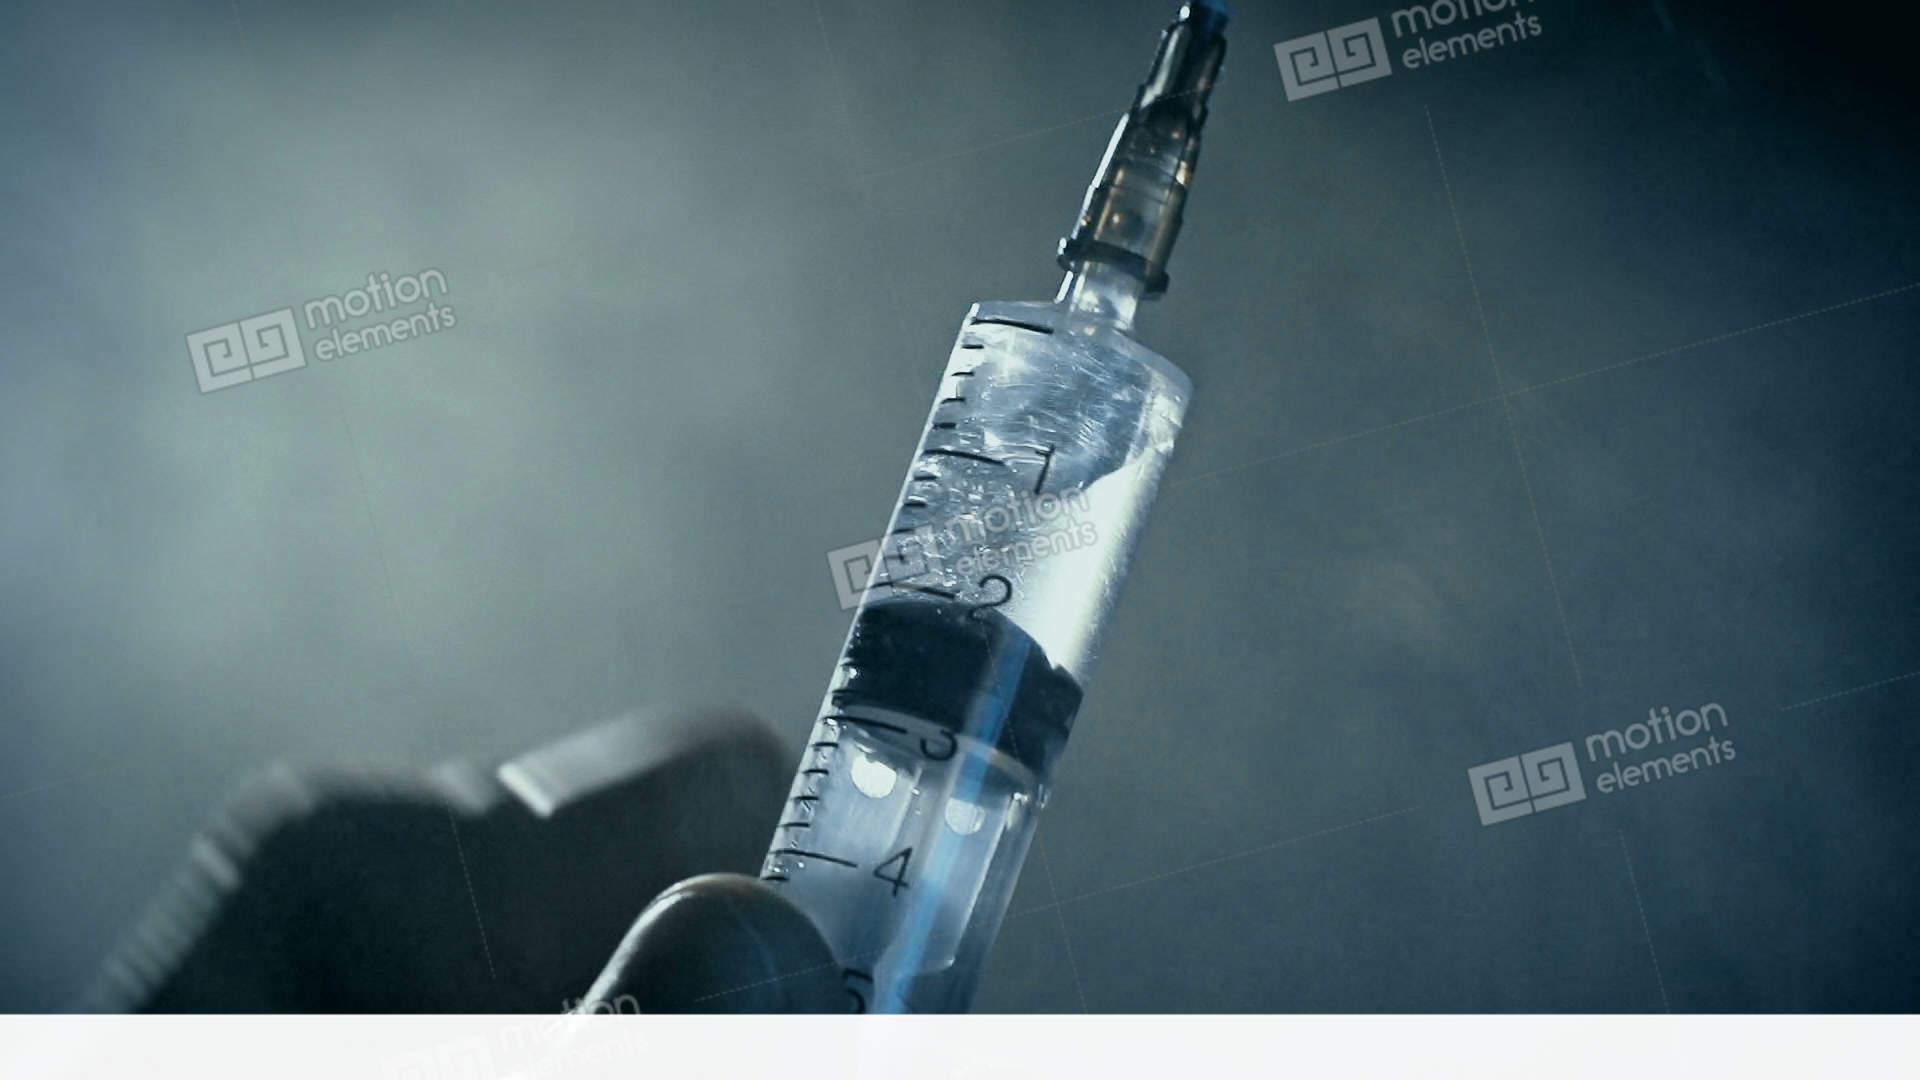 video of people on heroin